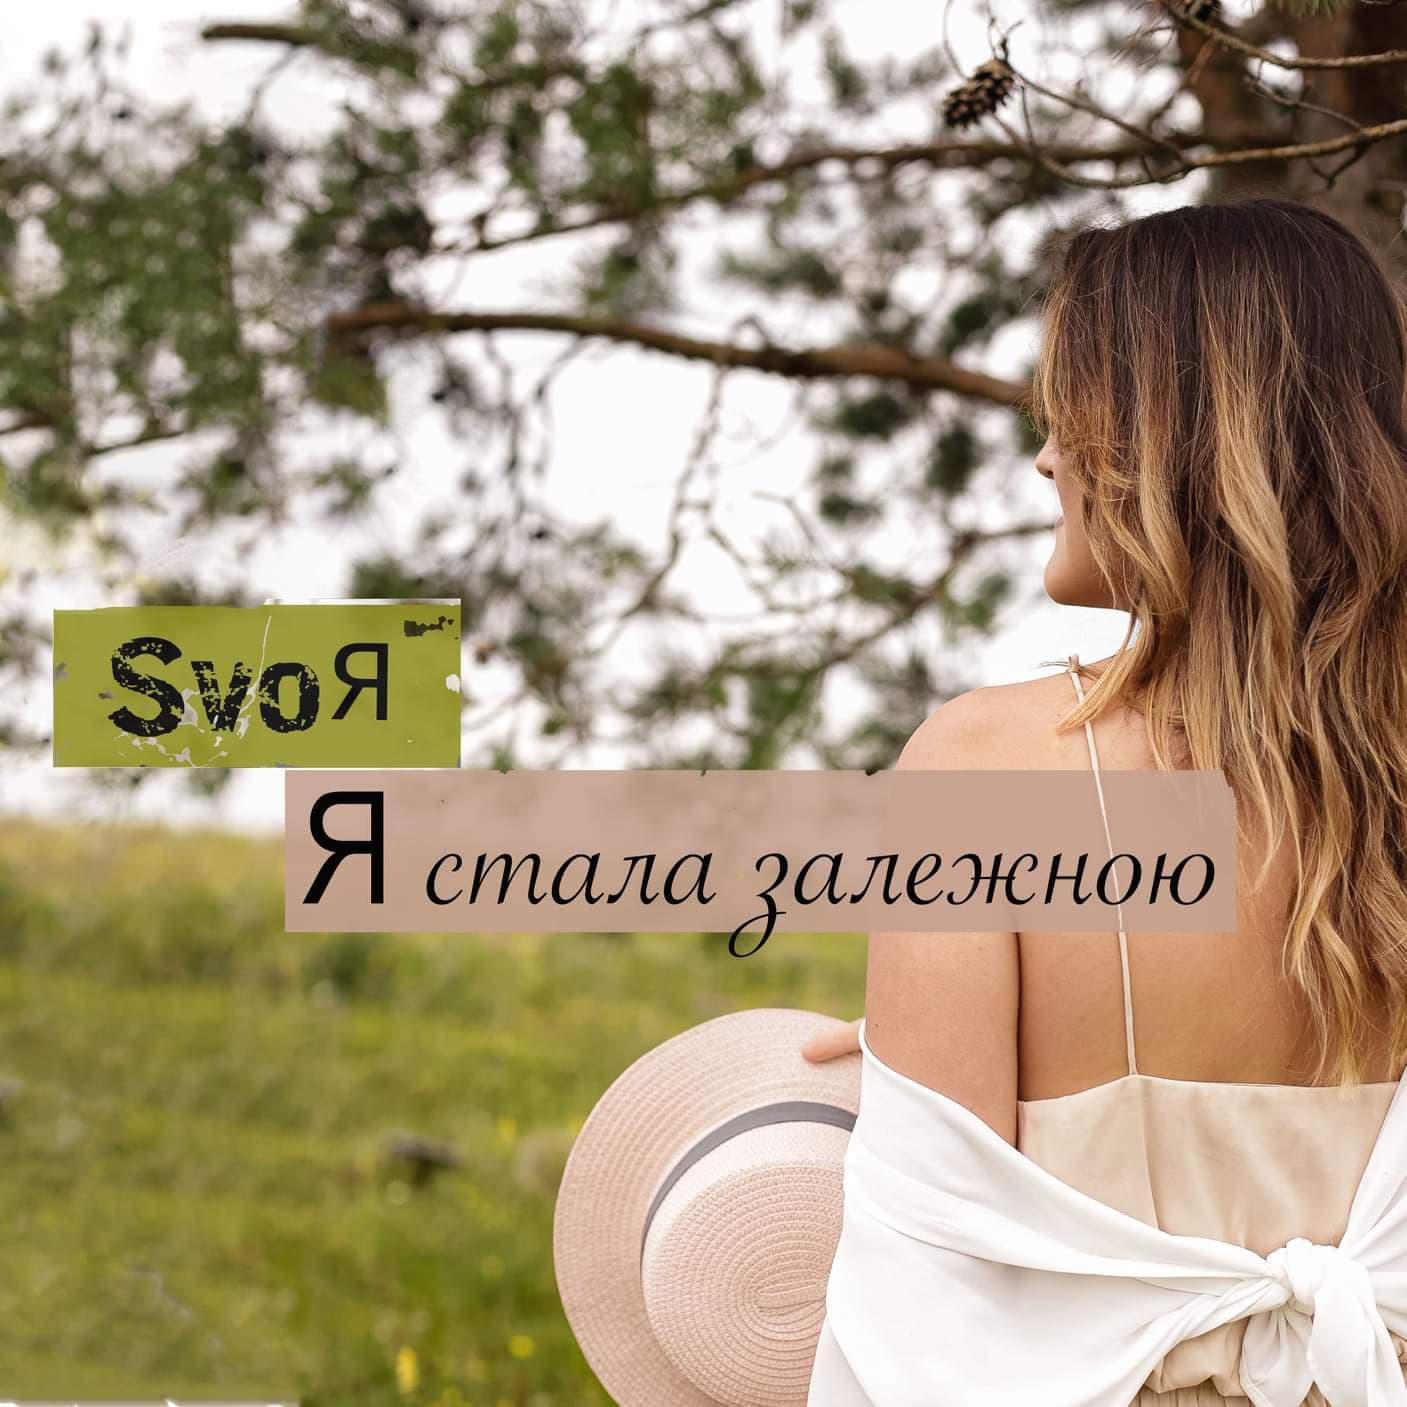 Проєкт SvoЯ випустив нову пісню